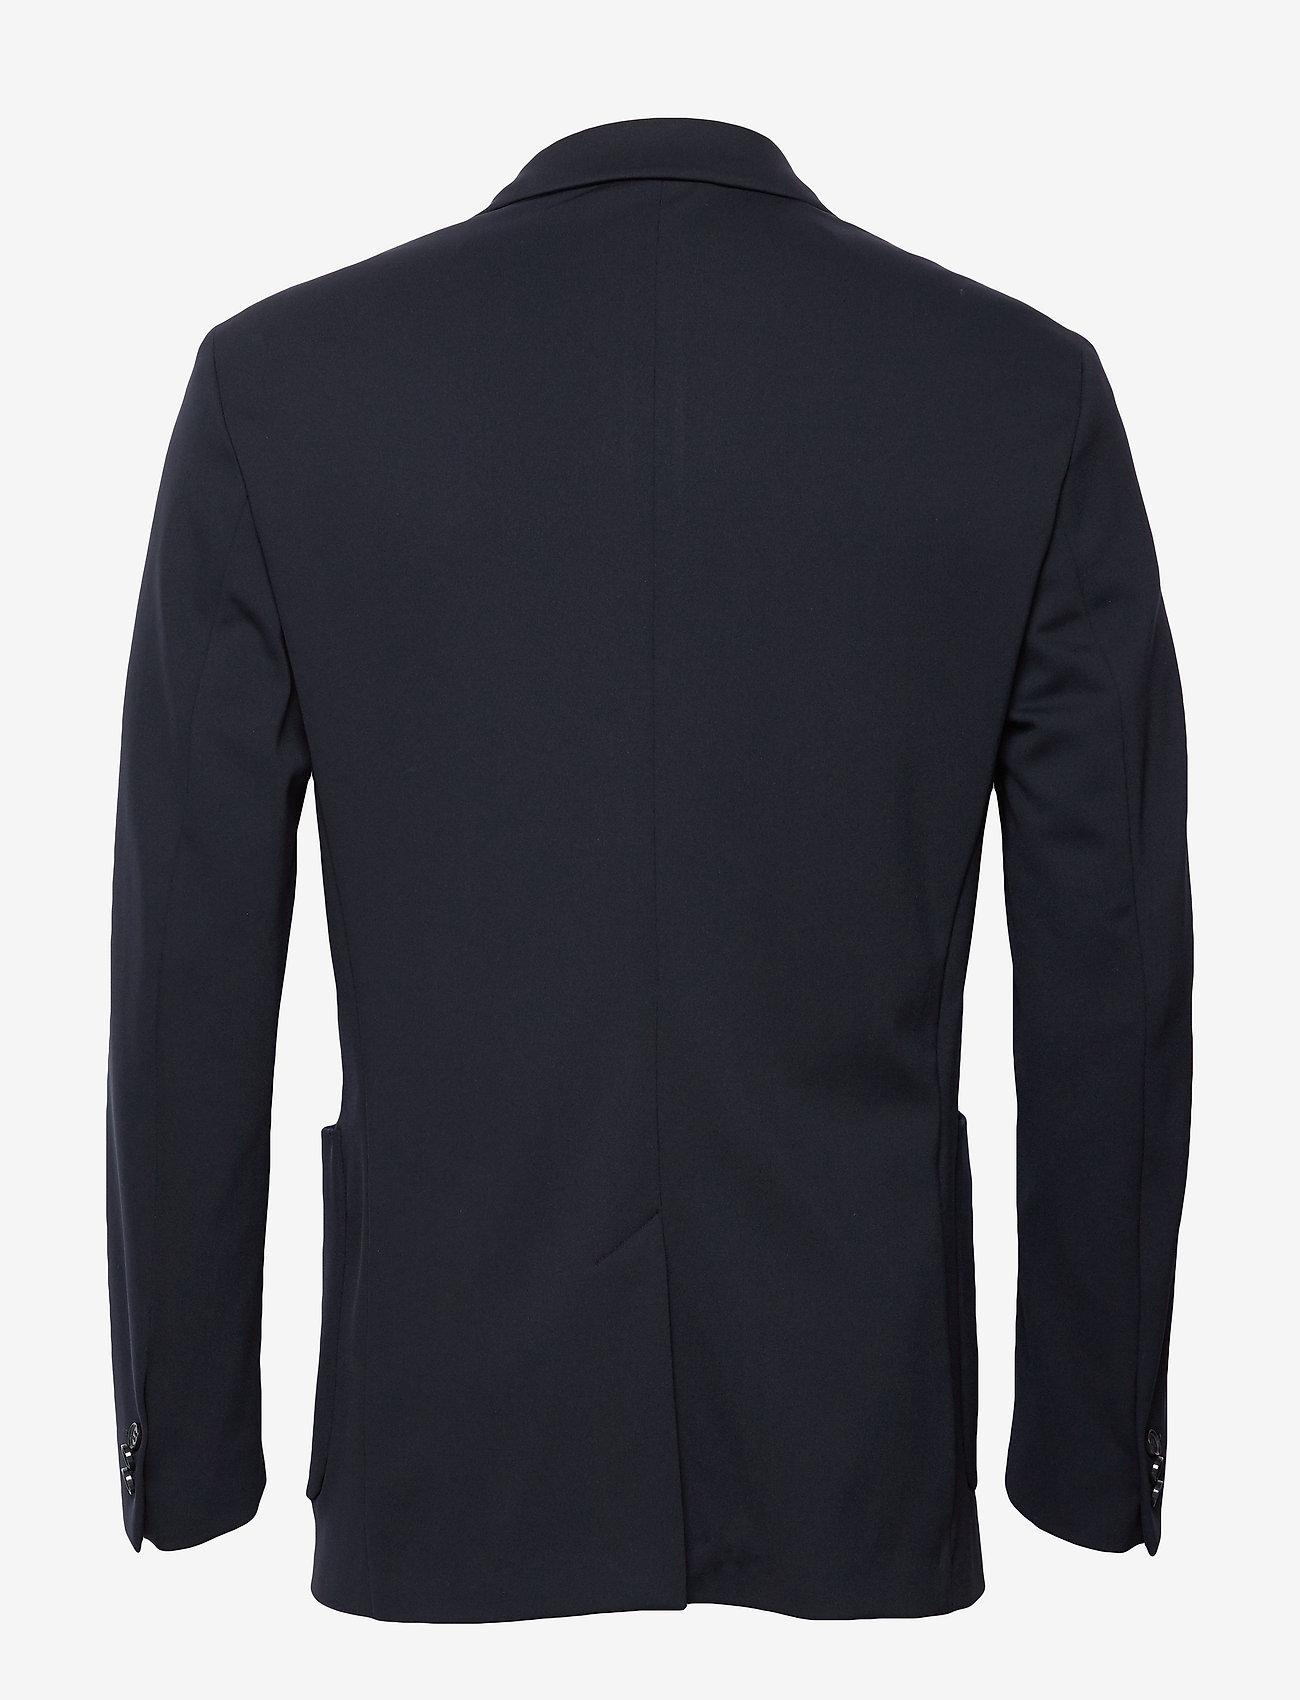 Solid Jersey Casual Blazer (Calvin Navy) - Calvin Klein bSCi8A